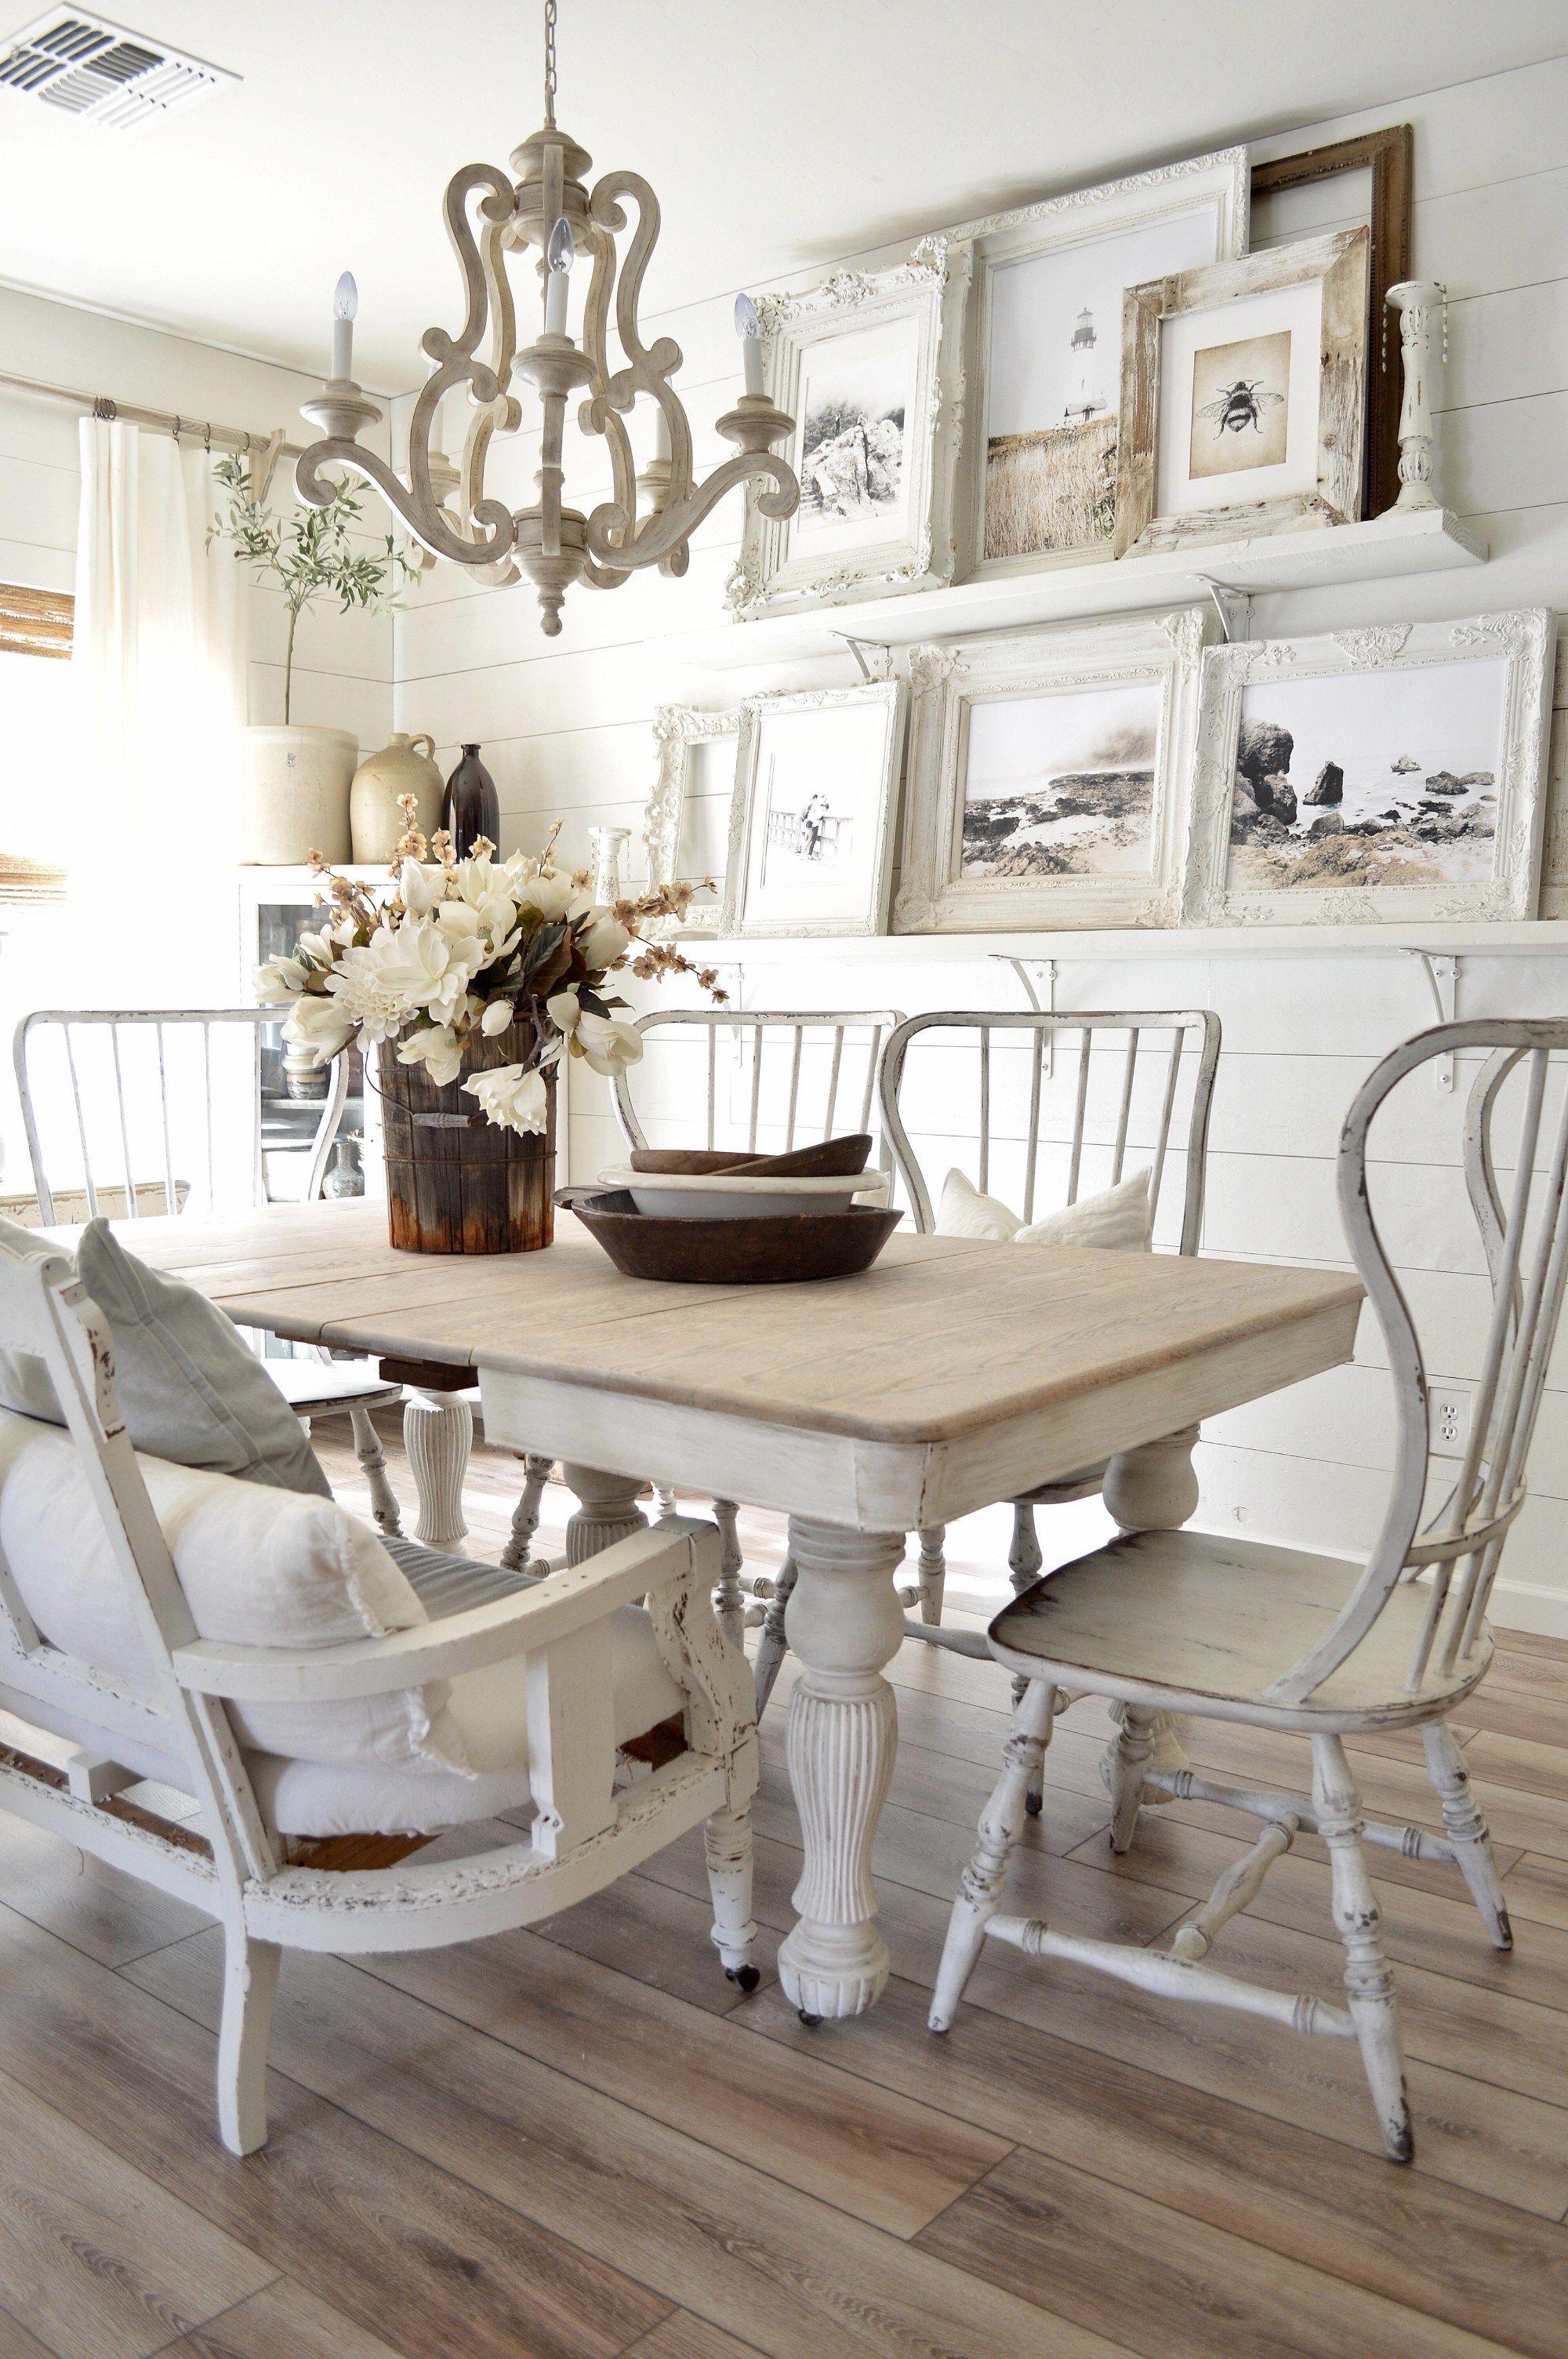 DIY Curtain Rods | Farmhouse dining room table, Living ... on Farmhouse Dining Room Curtain Ideas  id=55066